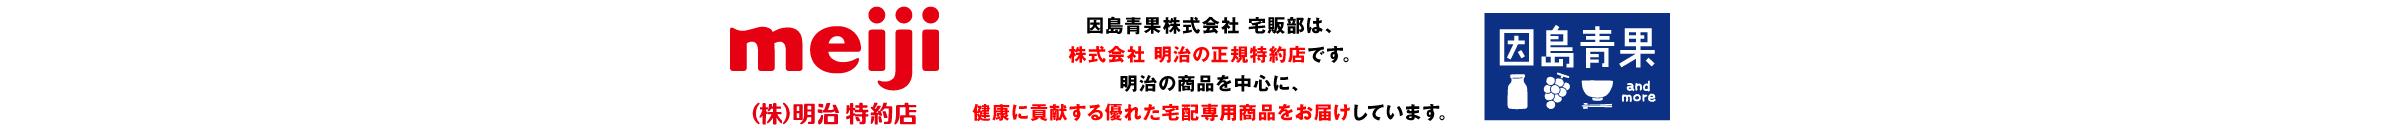 因島青果株式会社宅販部は、株式会社 明治の正規特約店